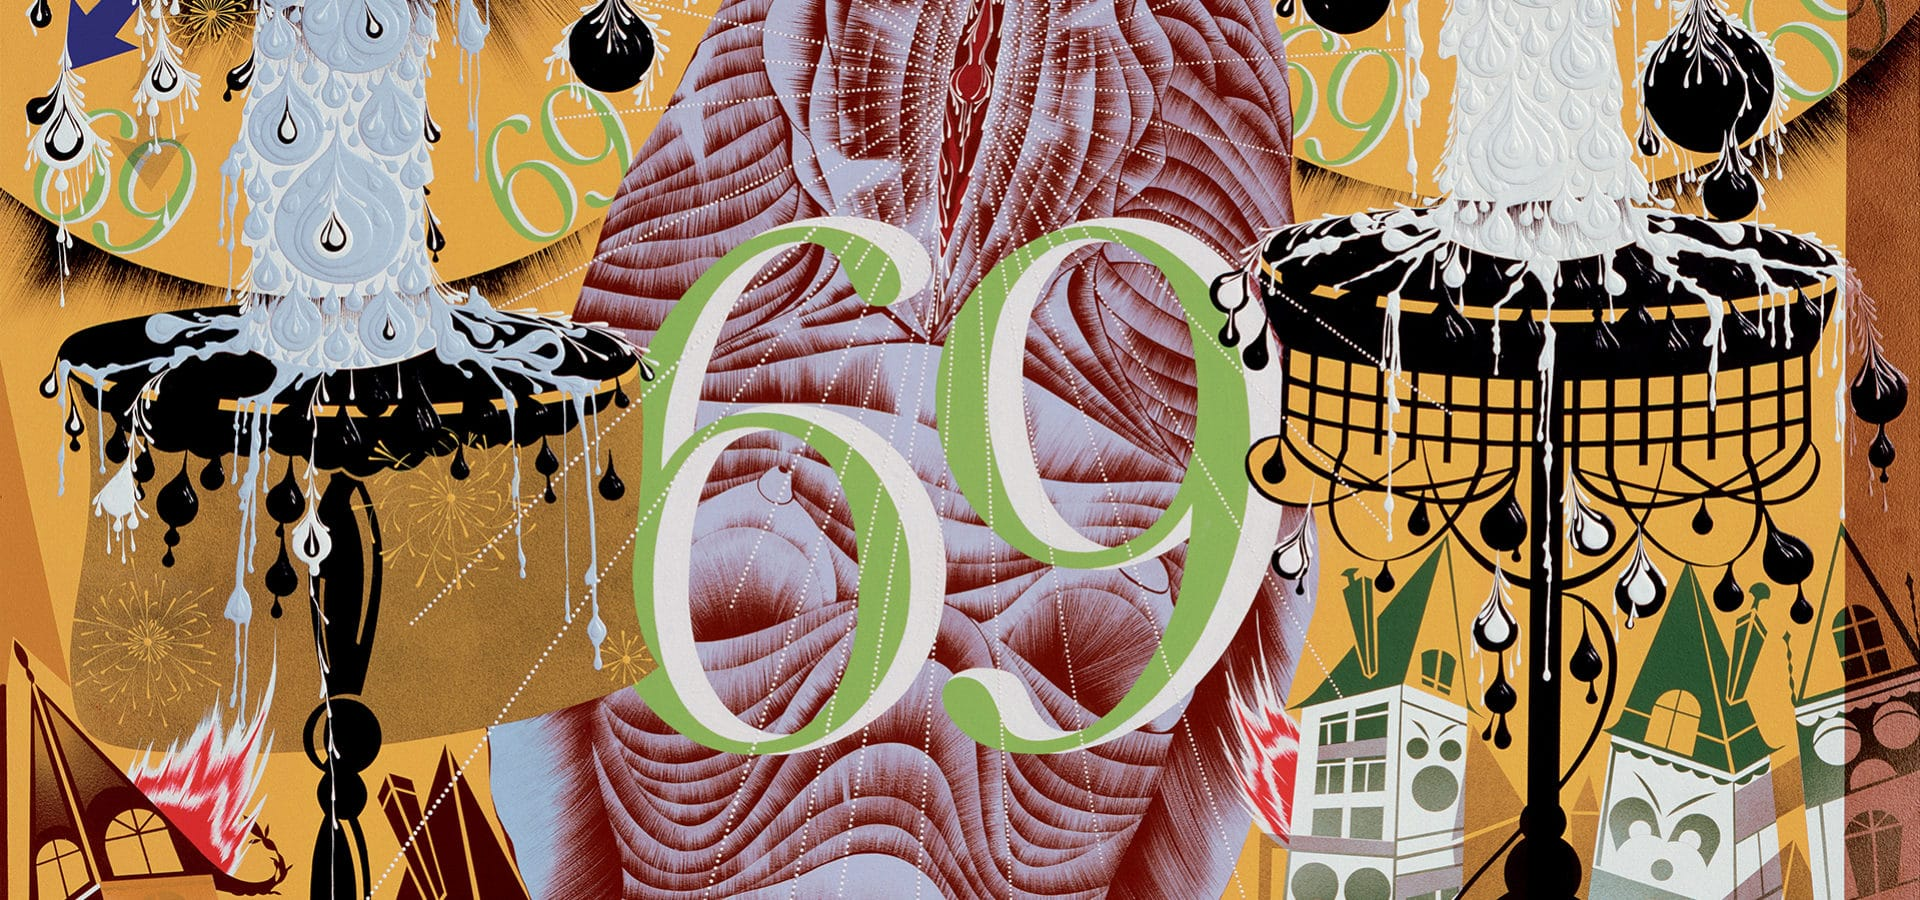 Transfigurative and Needy, 1991, acrylic and enamel on mahogany panel.